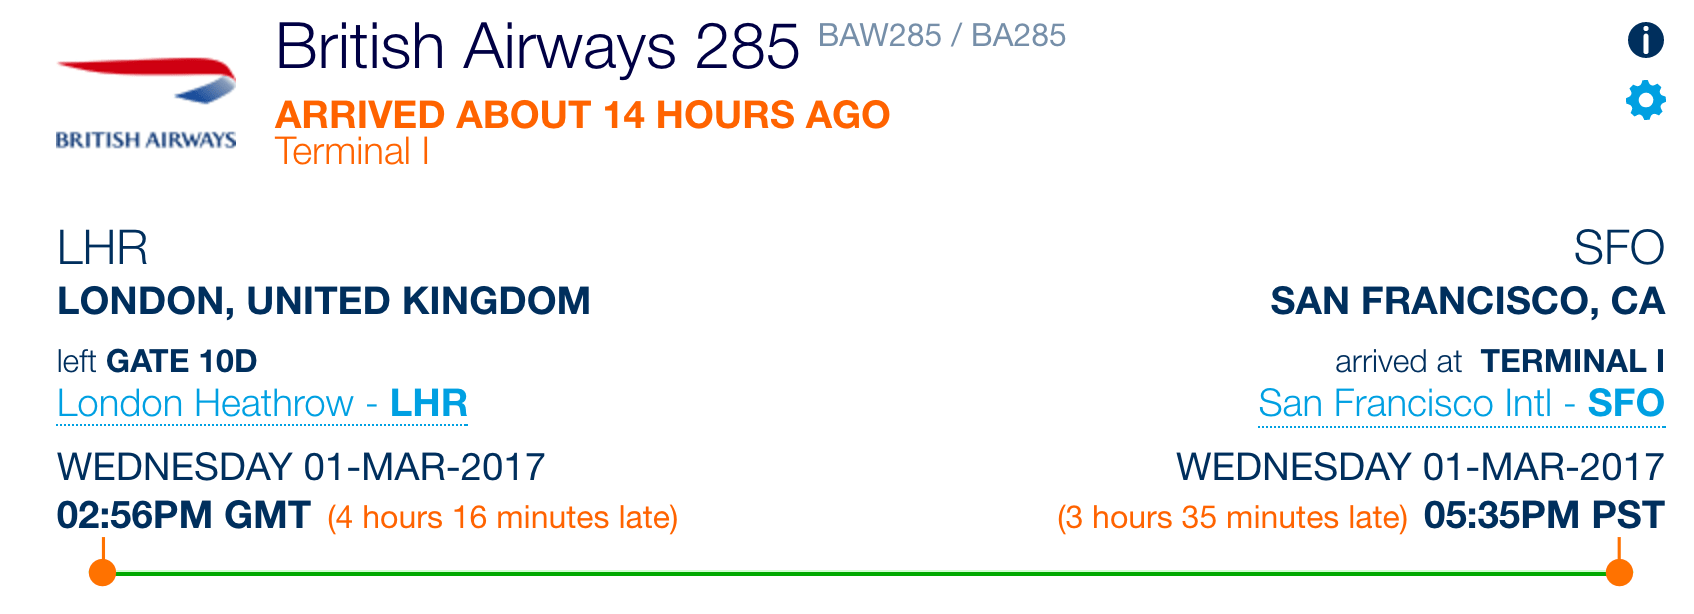 Mouse Delays San Francisco-Bound British Airways Flight